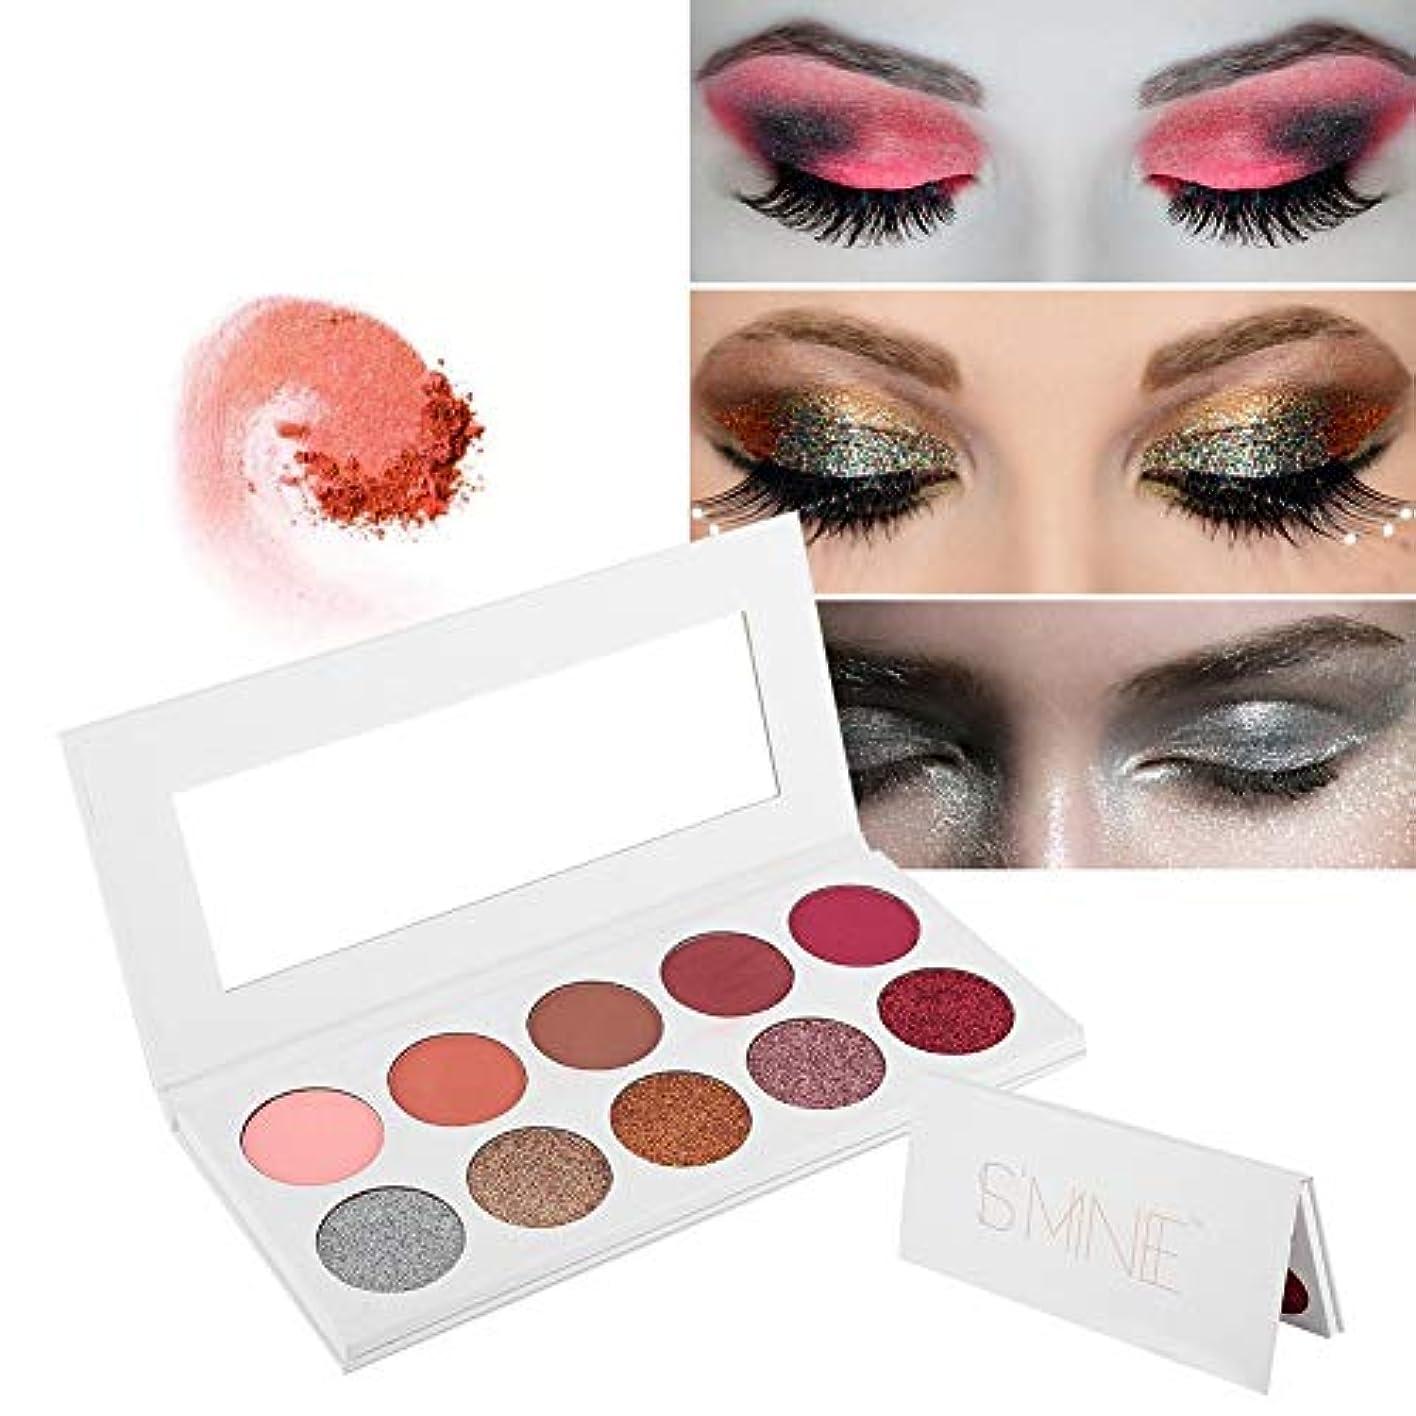 置換エキゾチックモッキンバードアイシャドウパレット アイシャドウパレット 10色 化粧マット グロス アイシャドウパウダー 化粧品ツール